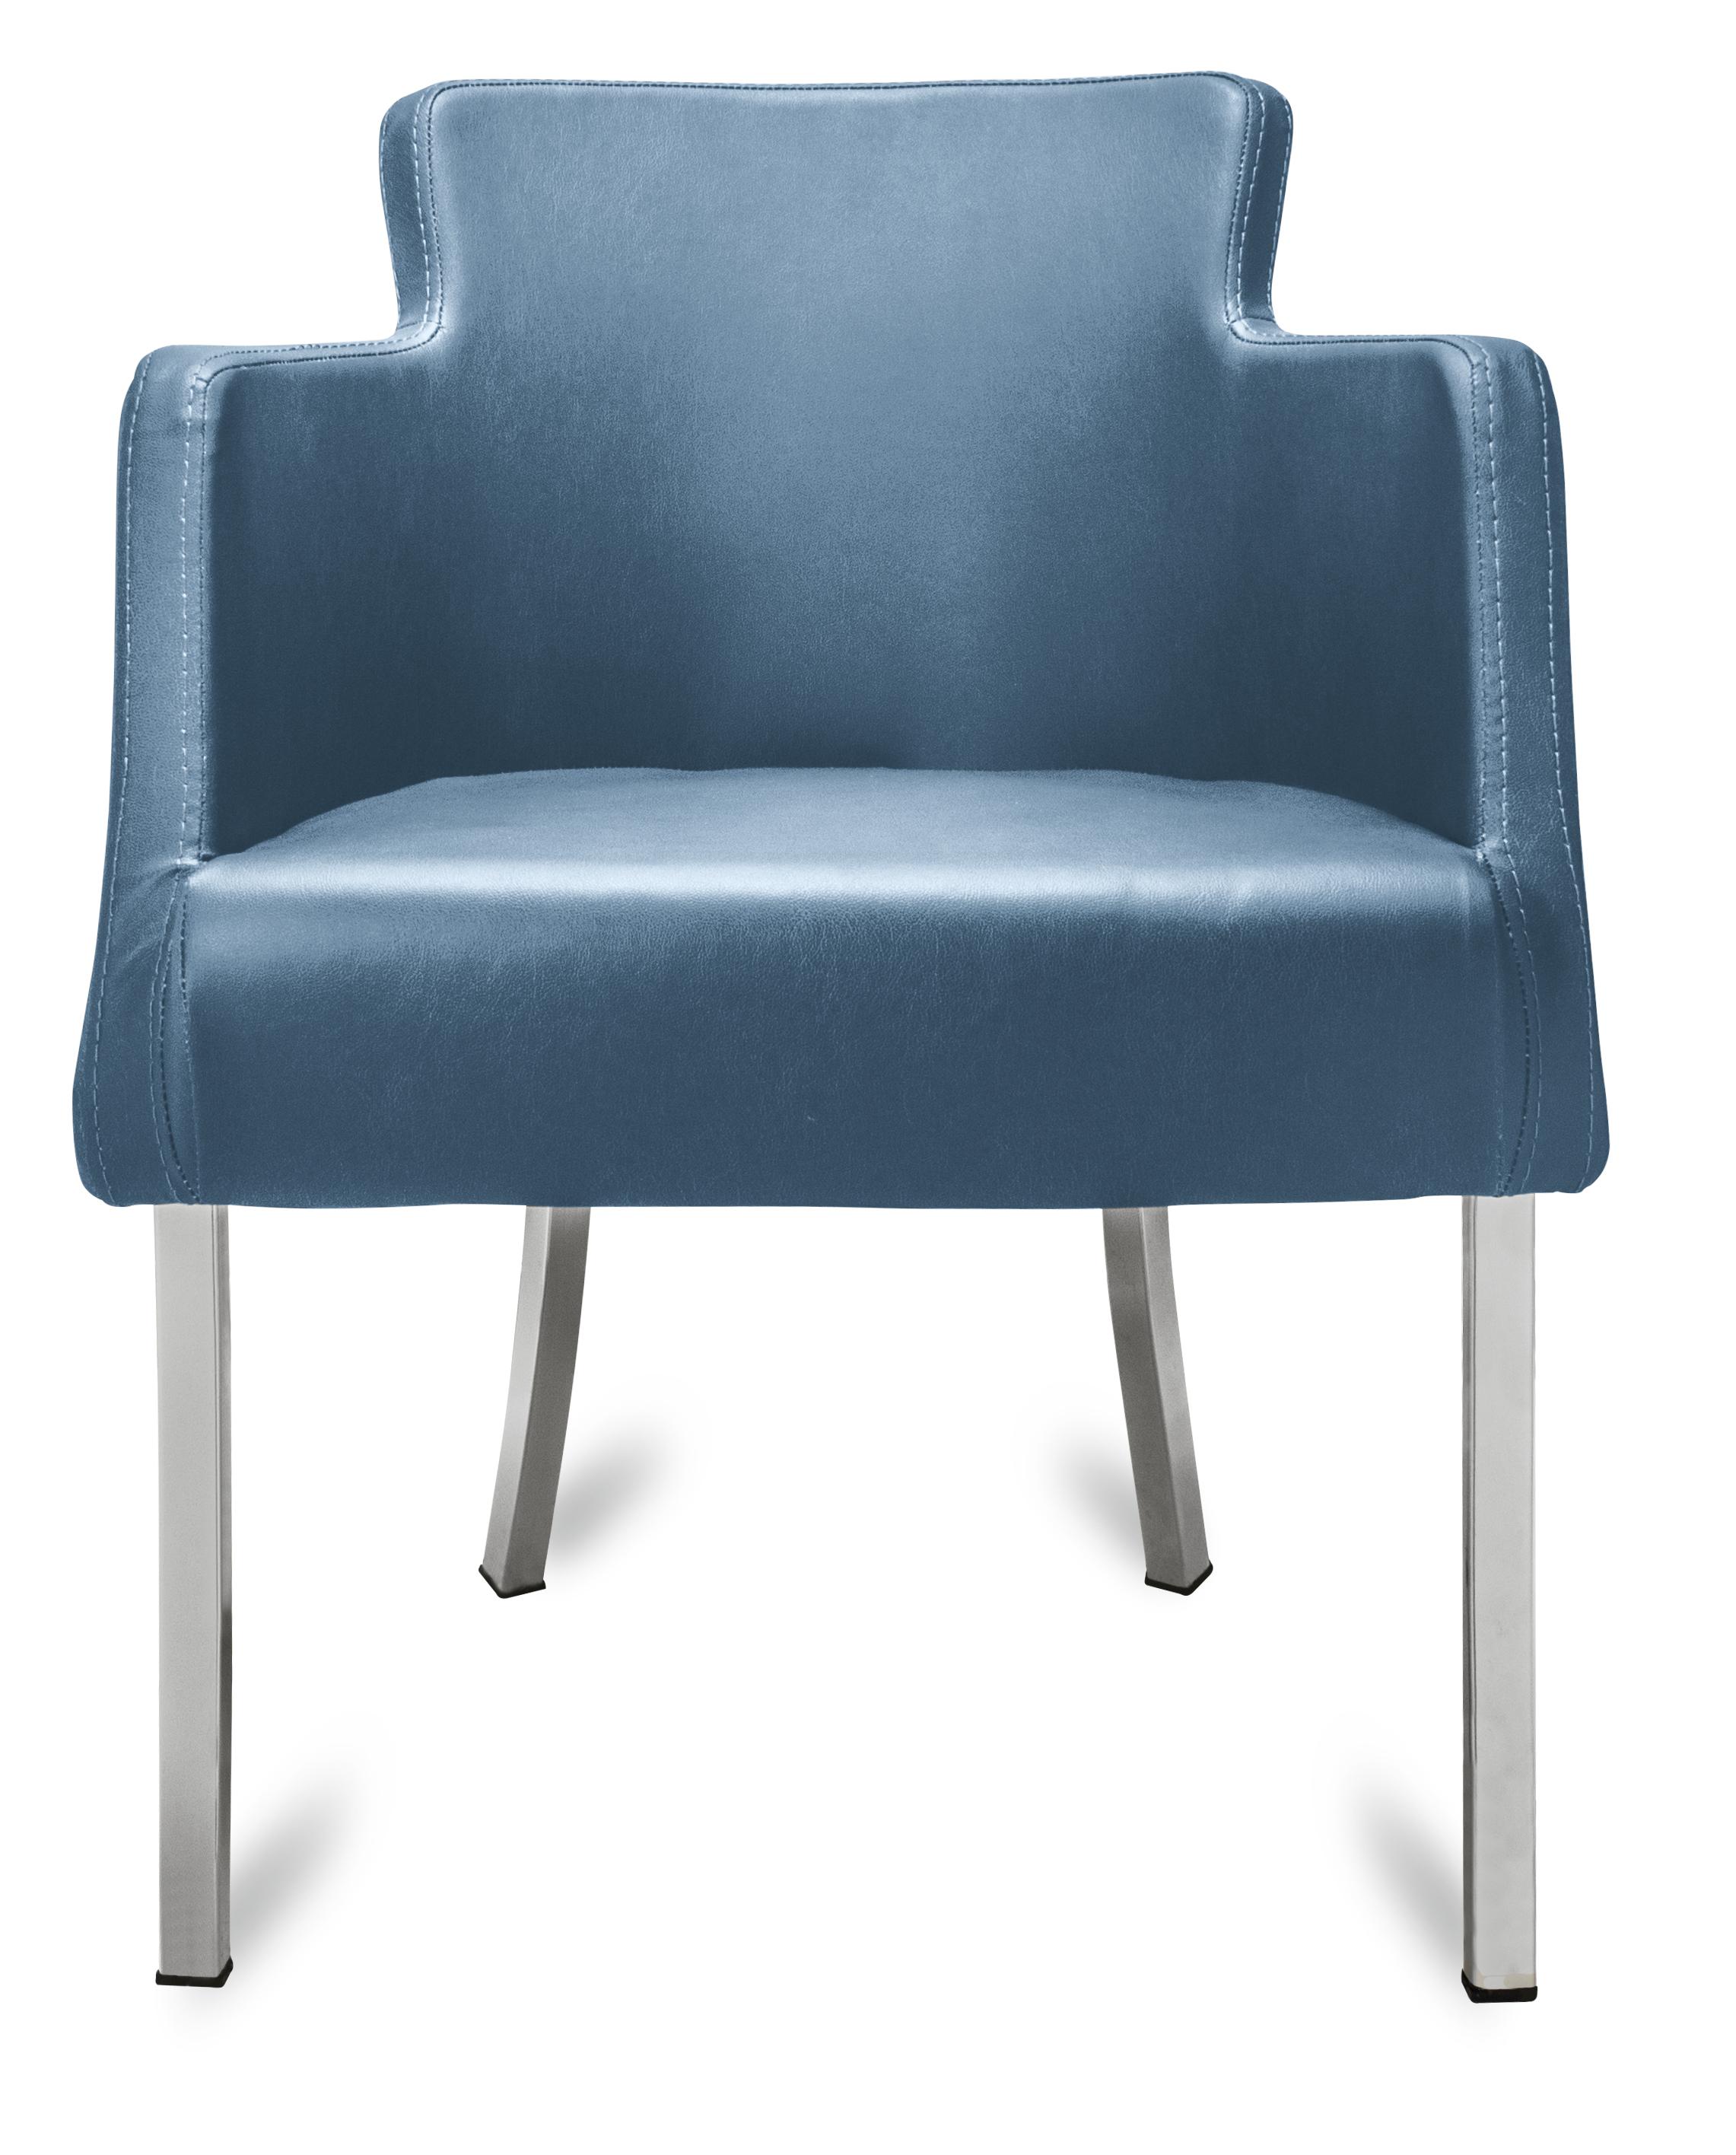 Stuhl Sessel. Designer Stuhl Sessel With Stuhl Sessel. Cheap ...